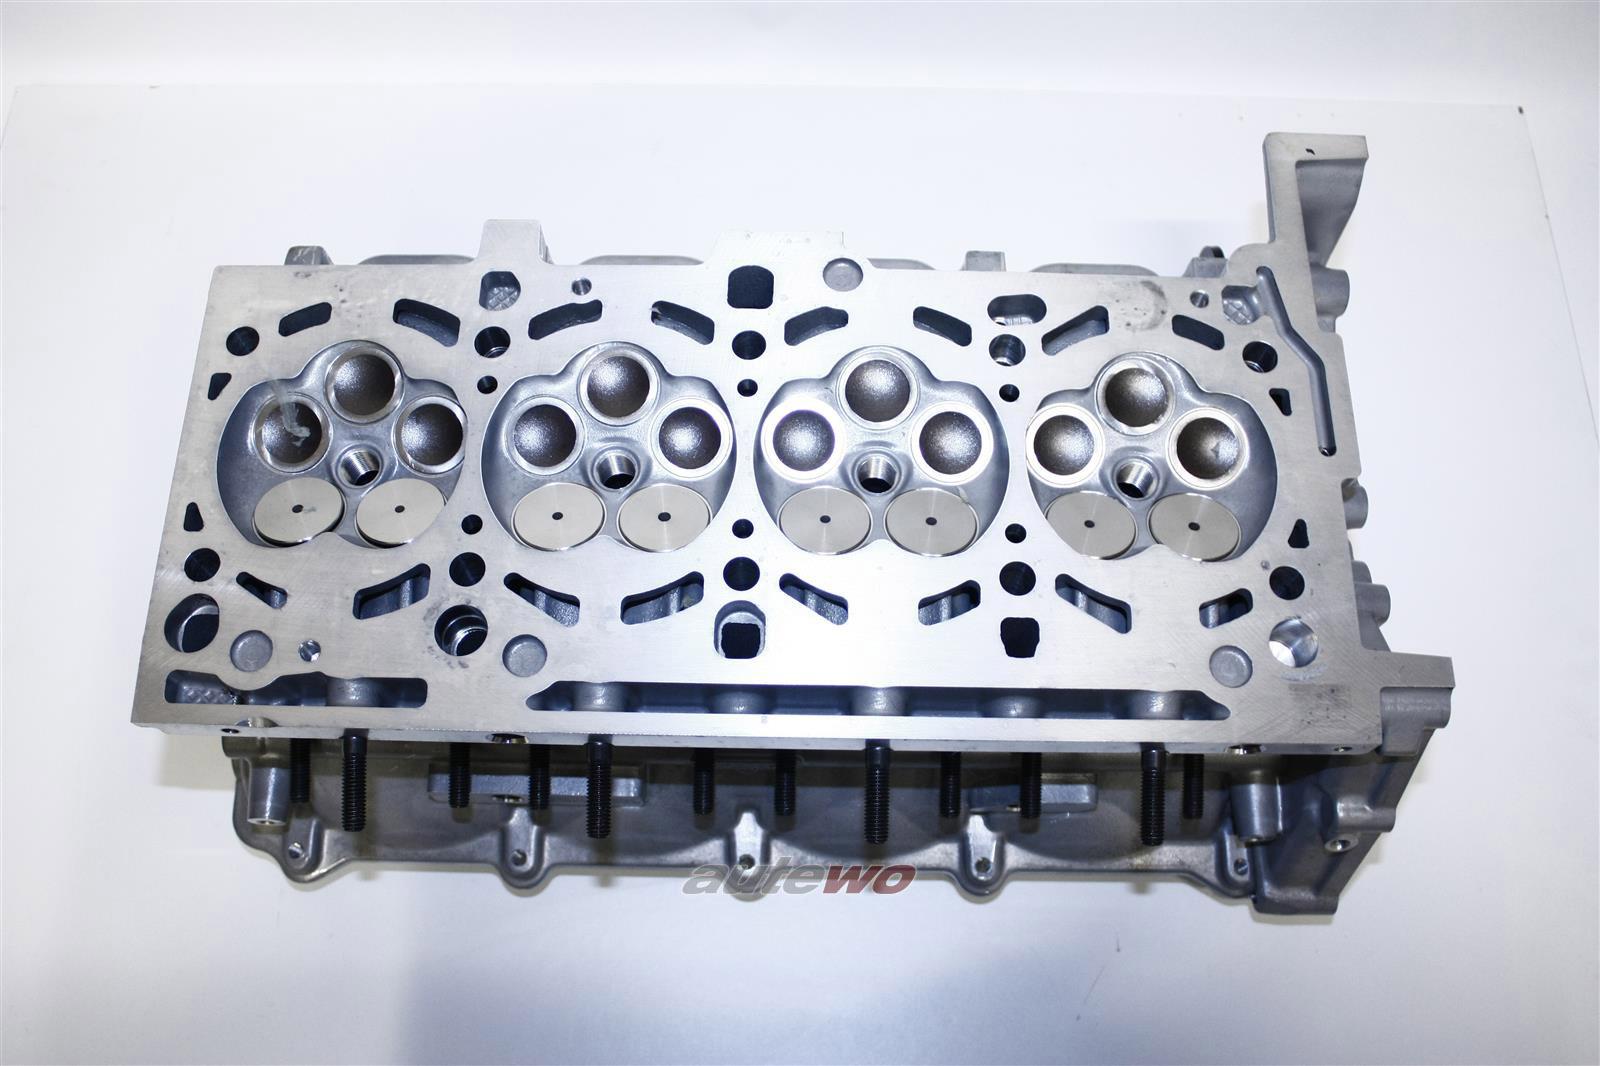 079103064RX/F NEU Audi A6 4B Allroad 4.2l Zylinderkopf Rechts